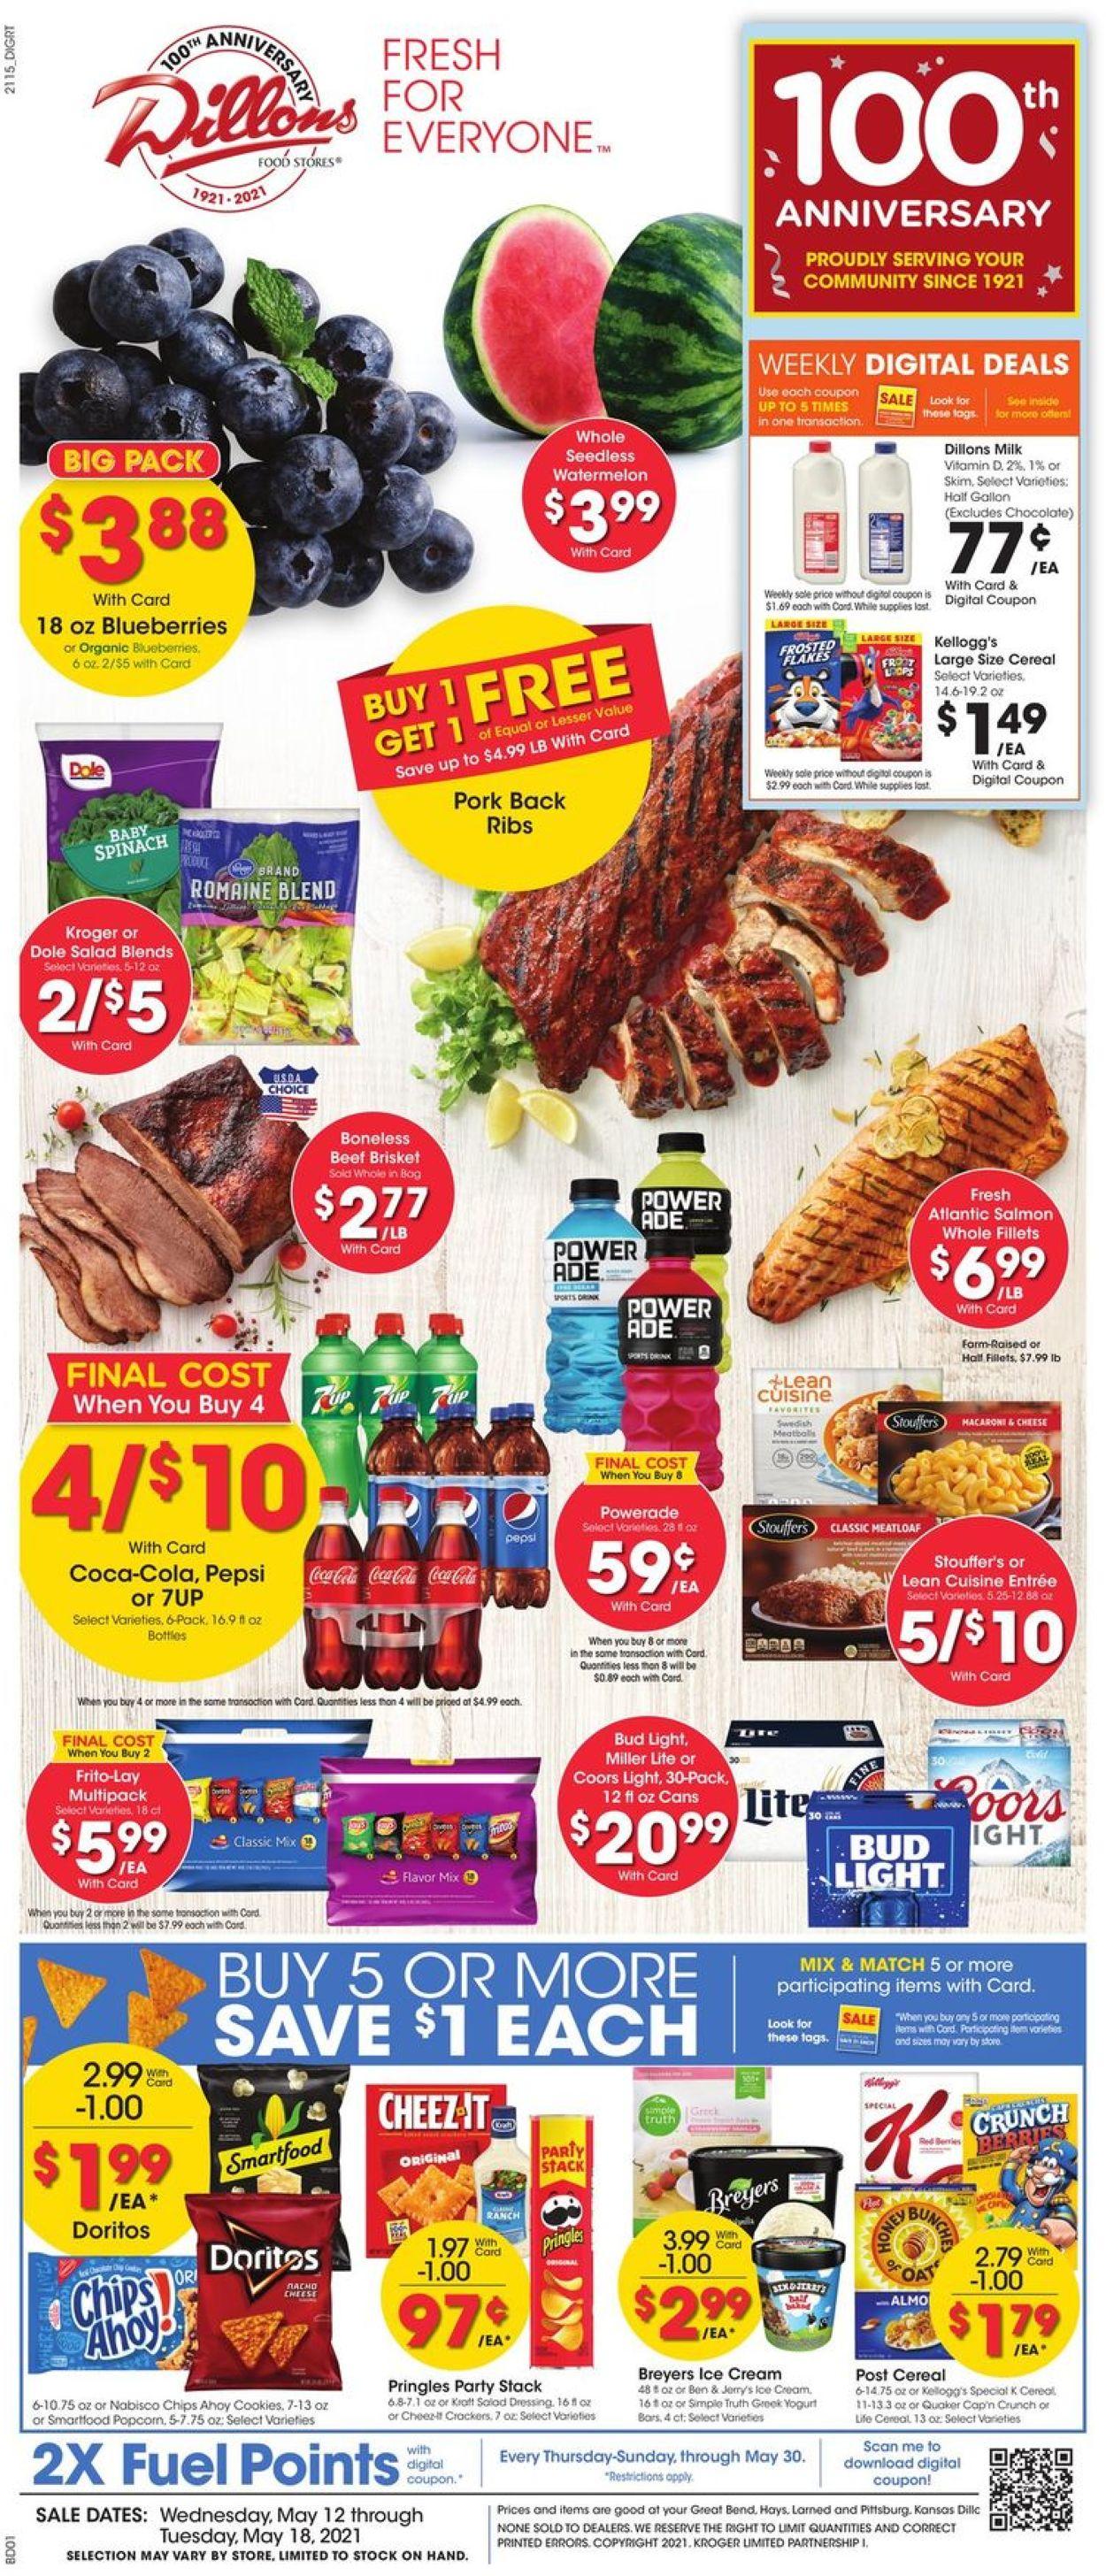 Dillons Weekly Ad Circular - valid 05/12-05/18/2021